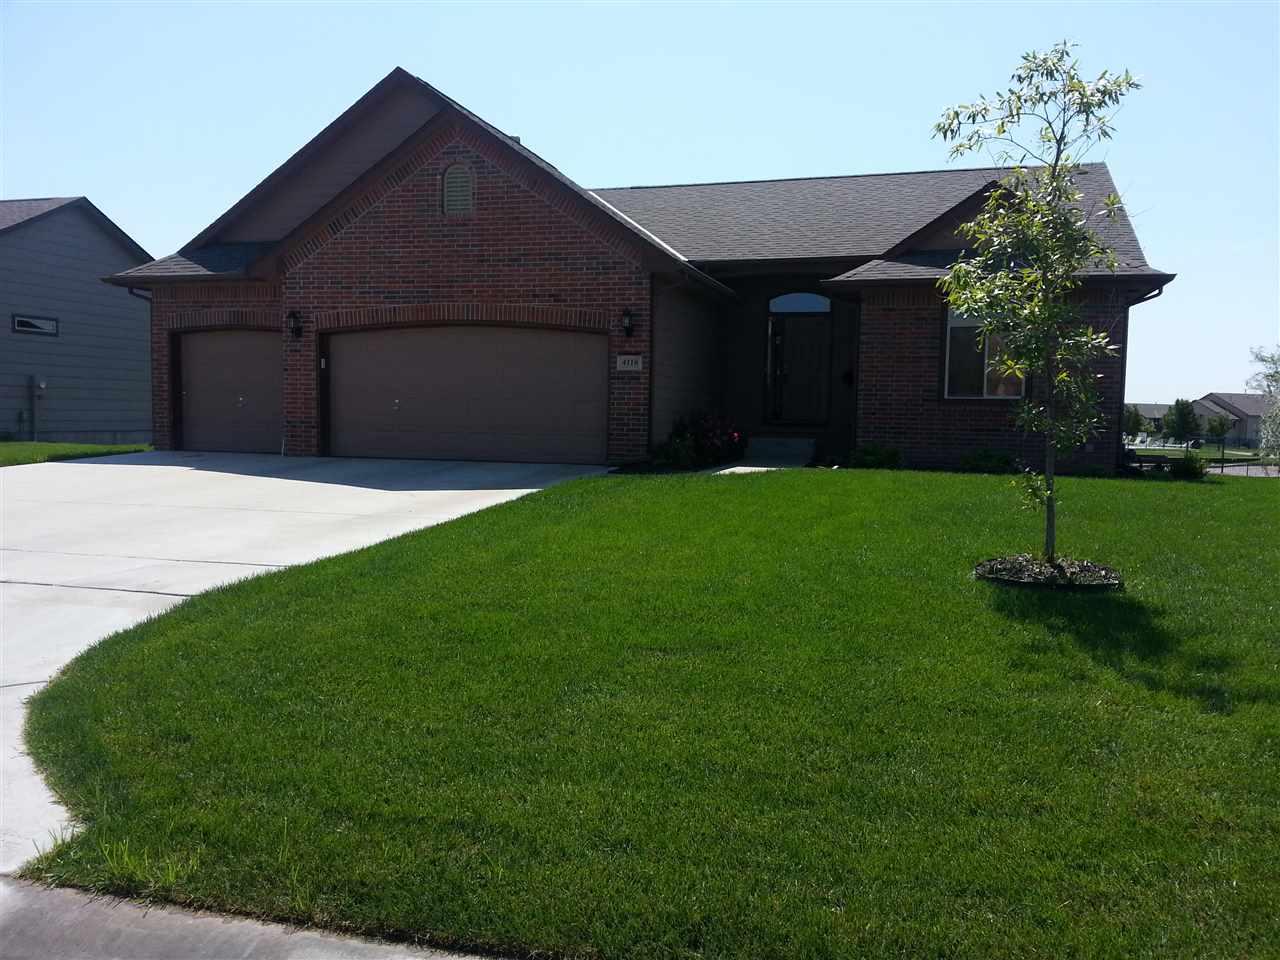 4118 N Lake Ridge Ct, Wichita, KS 67205